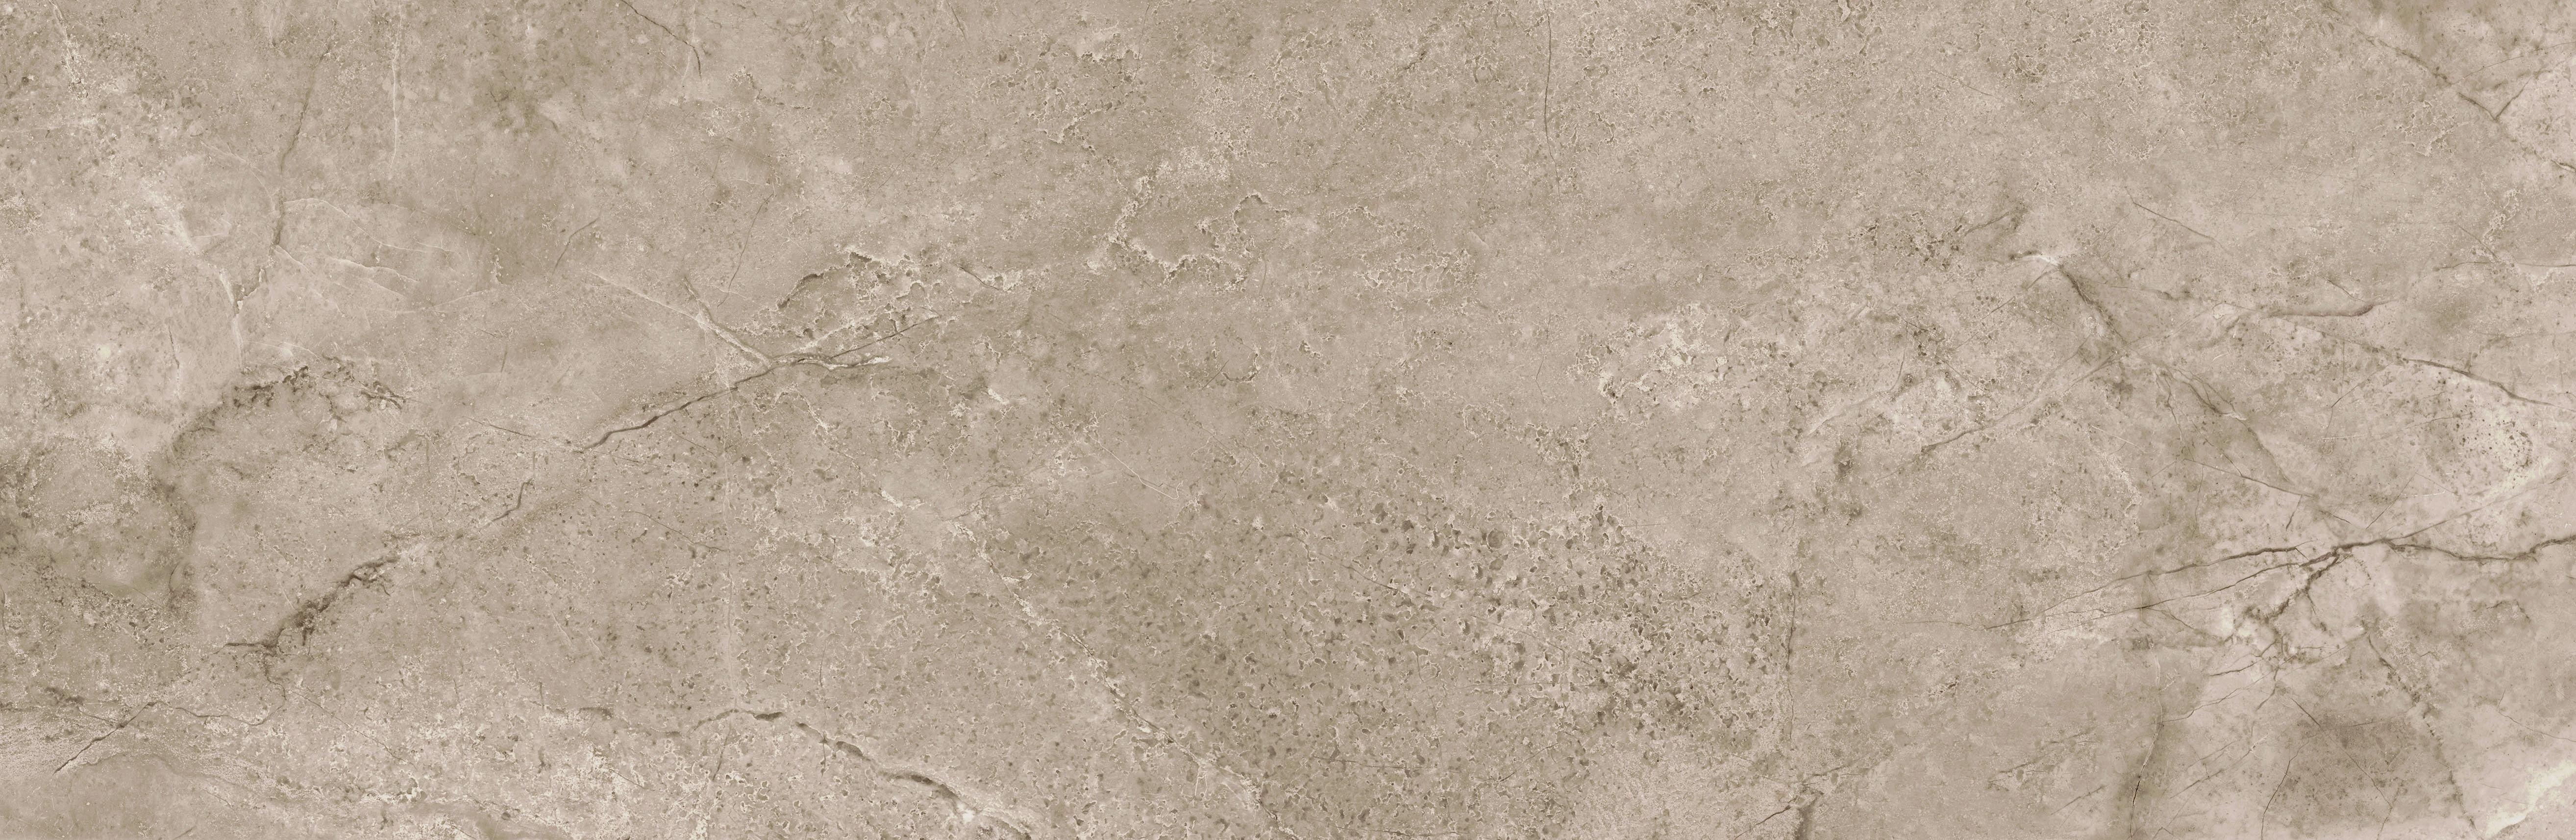 Купить Керамическая плитка Mei Grand Marfil коричневый (O-GRB-WTA111) настенная 29x89, Россия